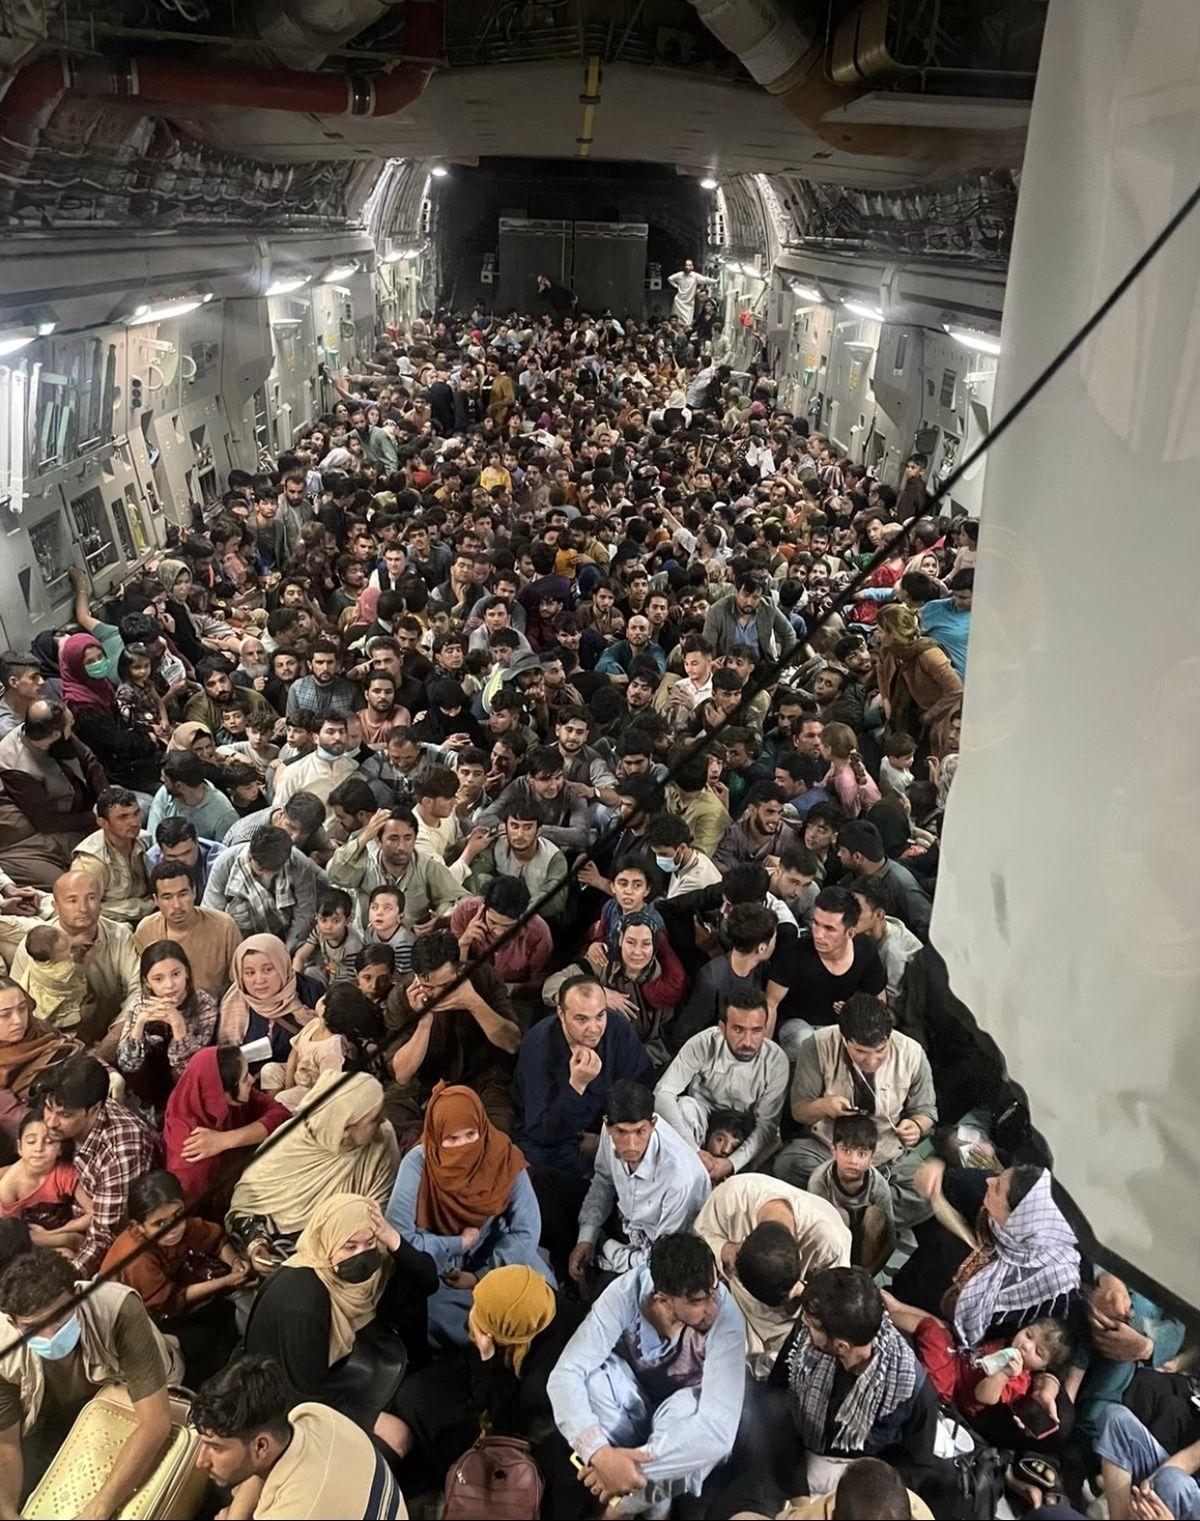 پناهجویان افغان برای فرار از طالبان در کجا ساکن شدند